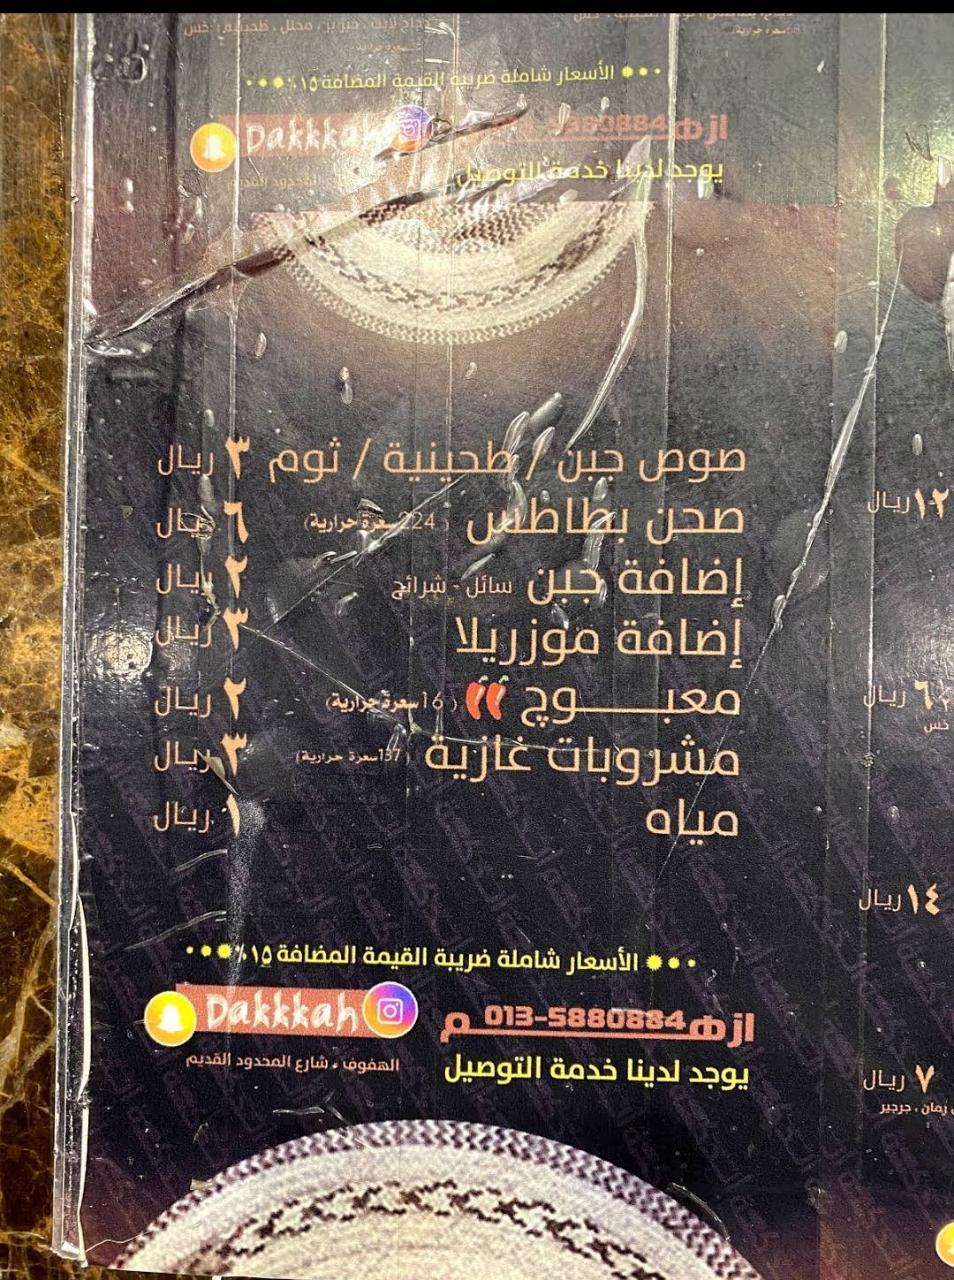 منيو مطعم شاورما الدكه الاحساء